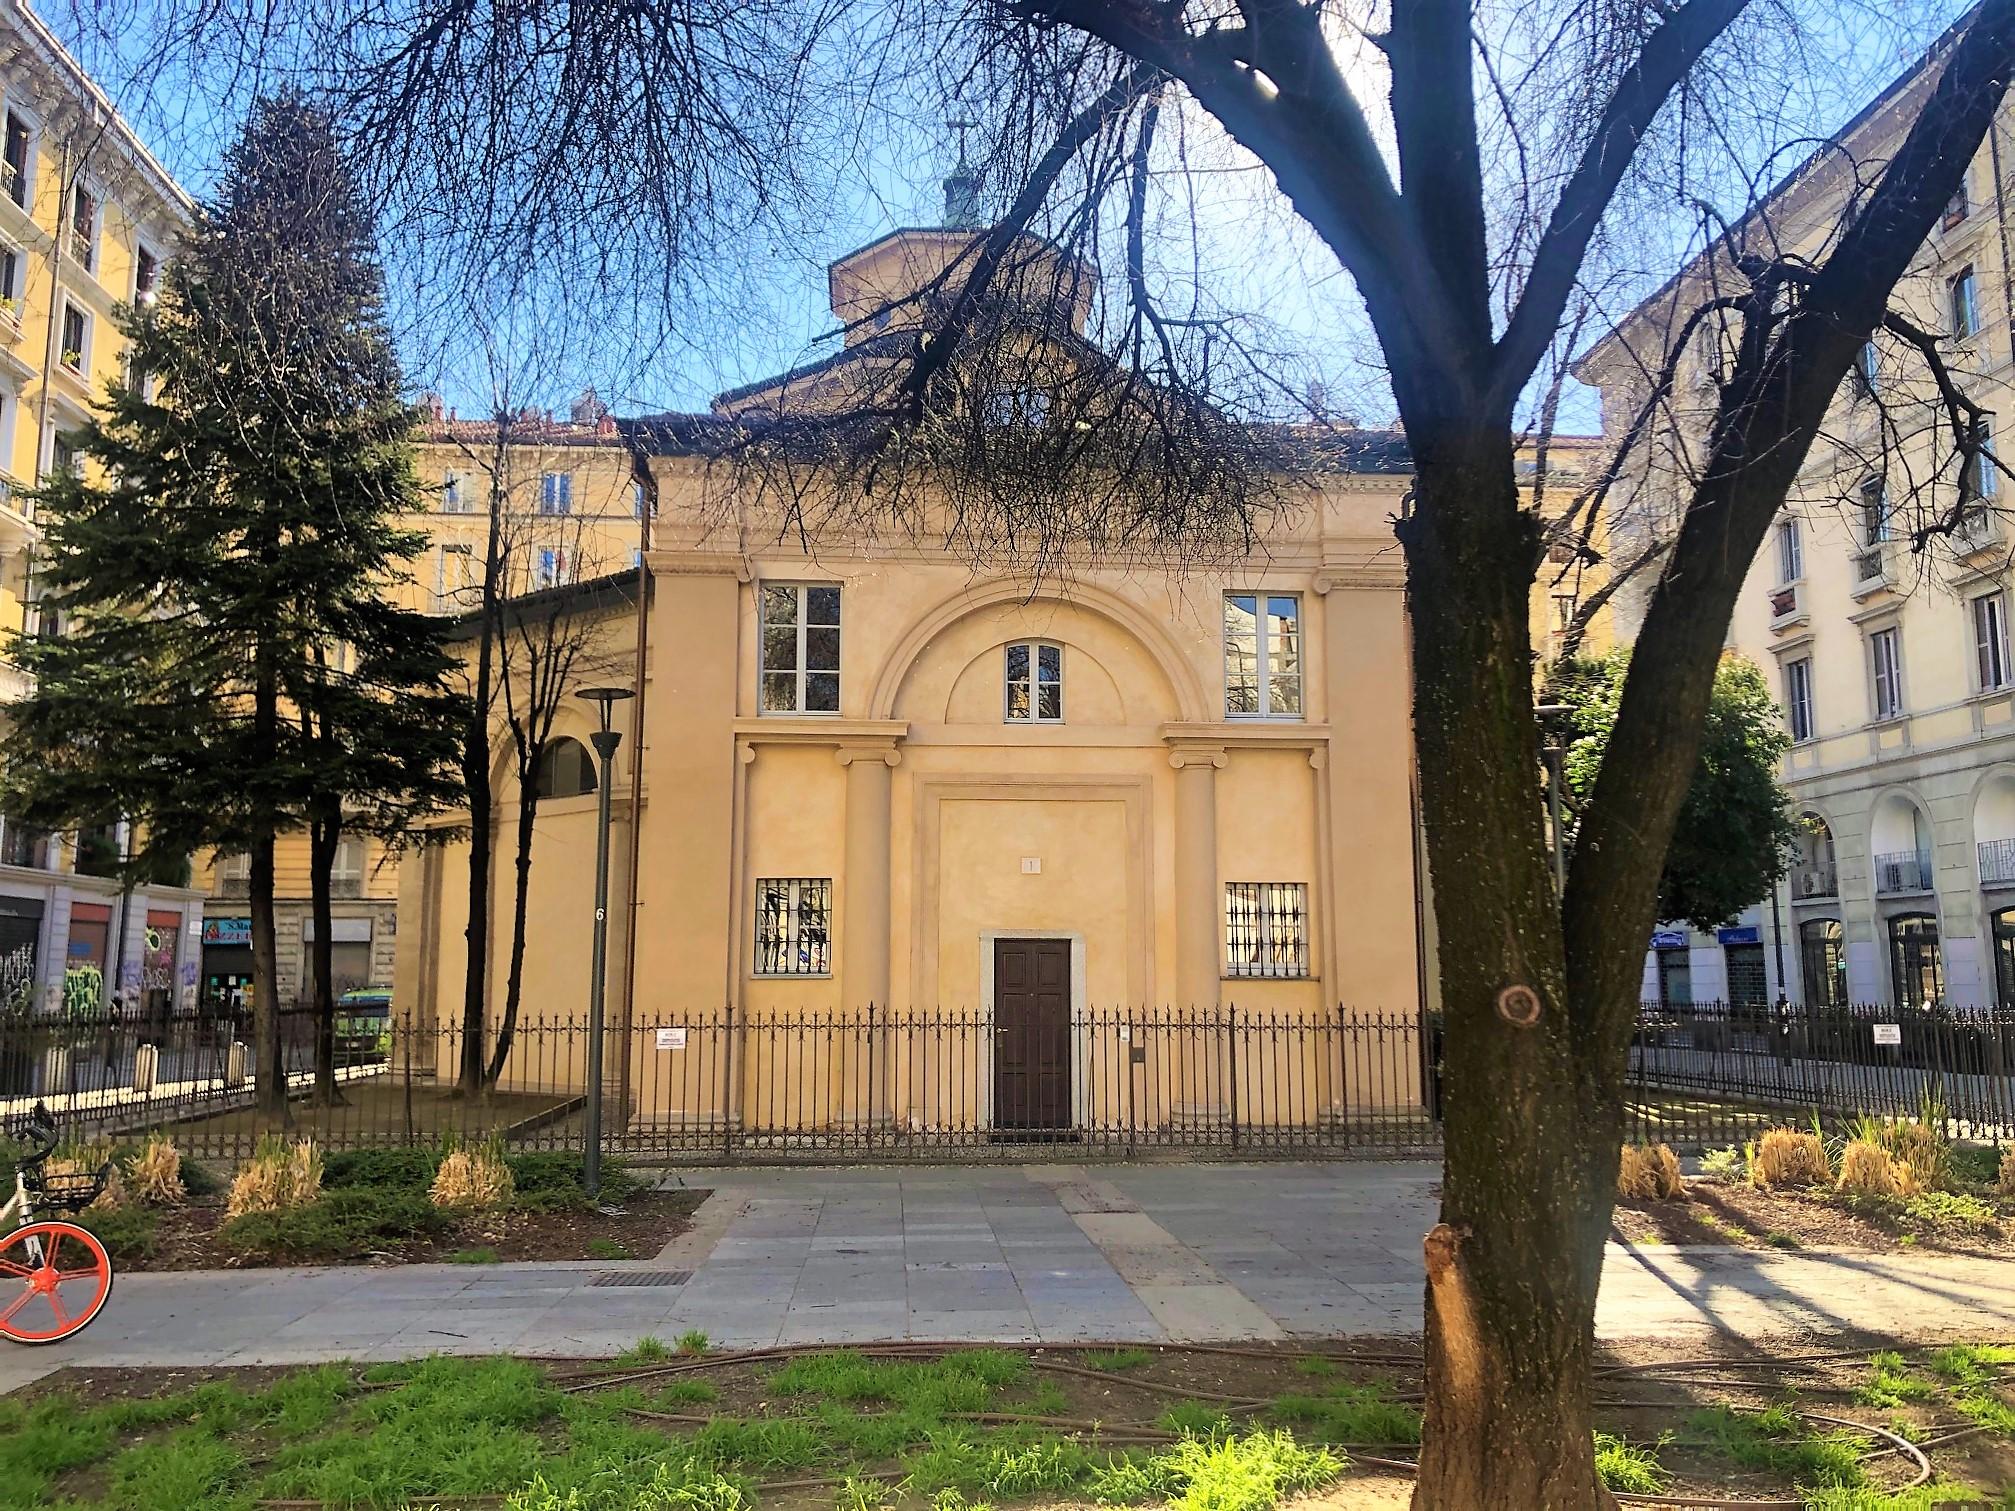 Чума в Милане: про карантин, отдельную церковь для больных и благословение на Пасху